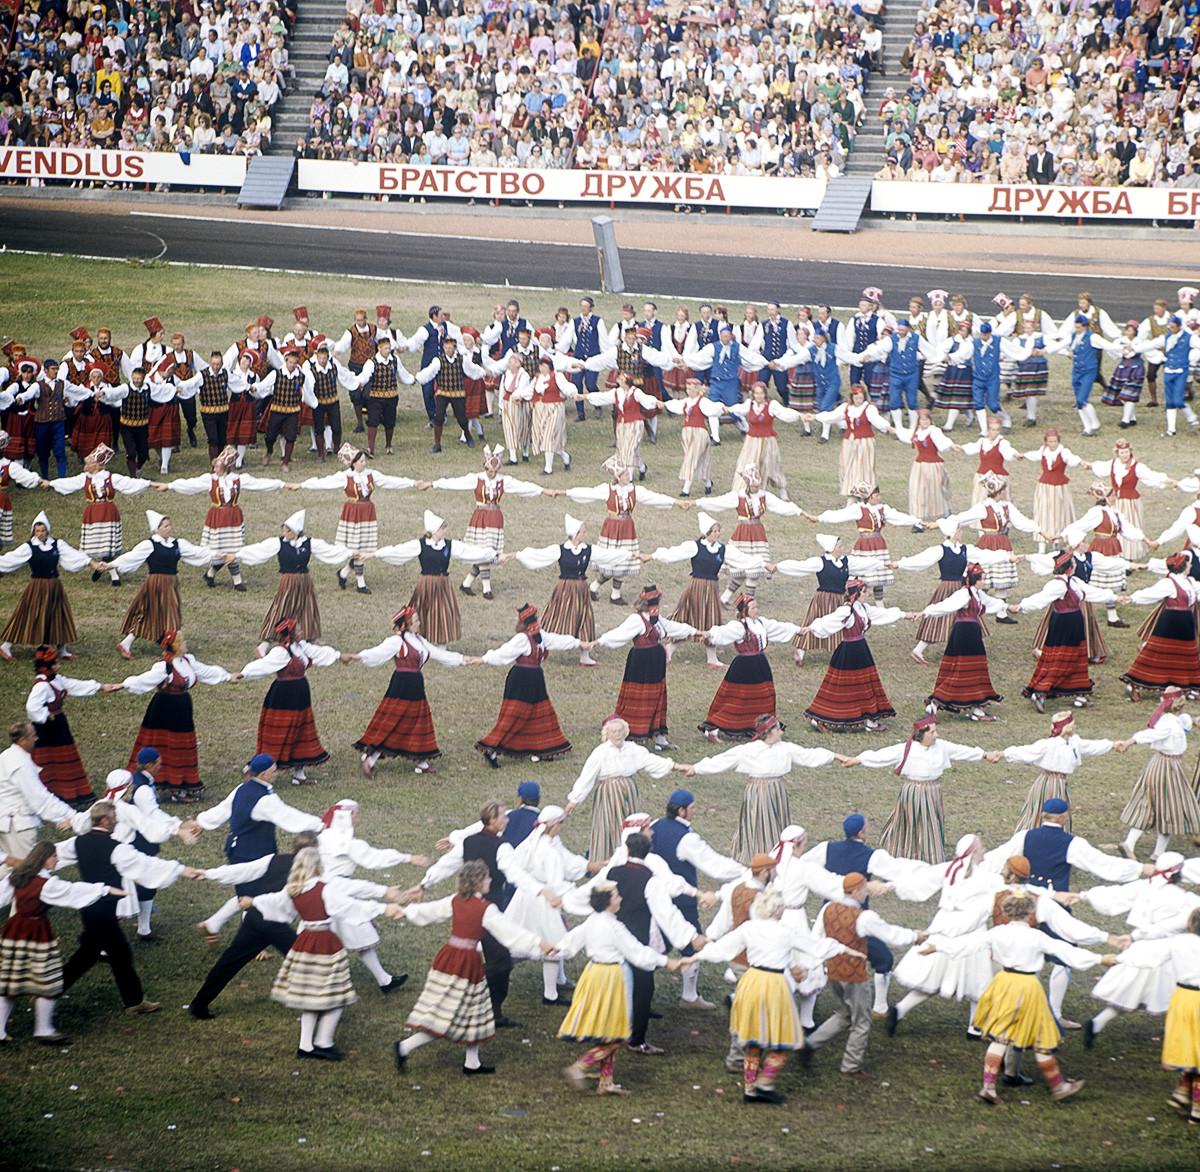 Республиканский праздник песни и танца в Таллине, 1976 г.